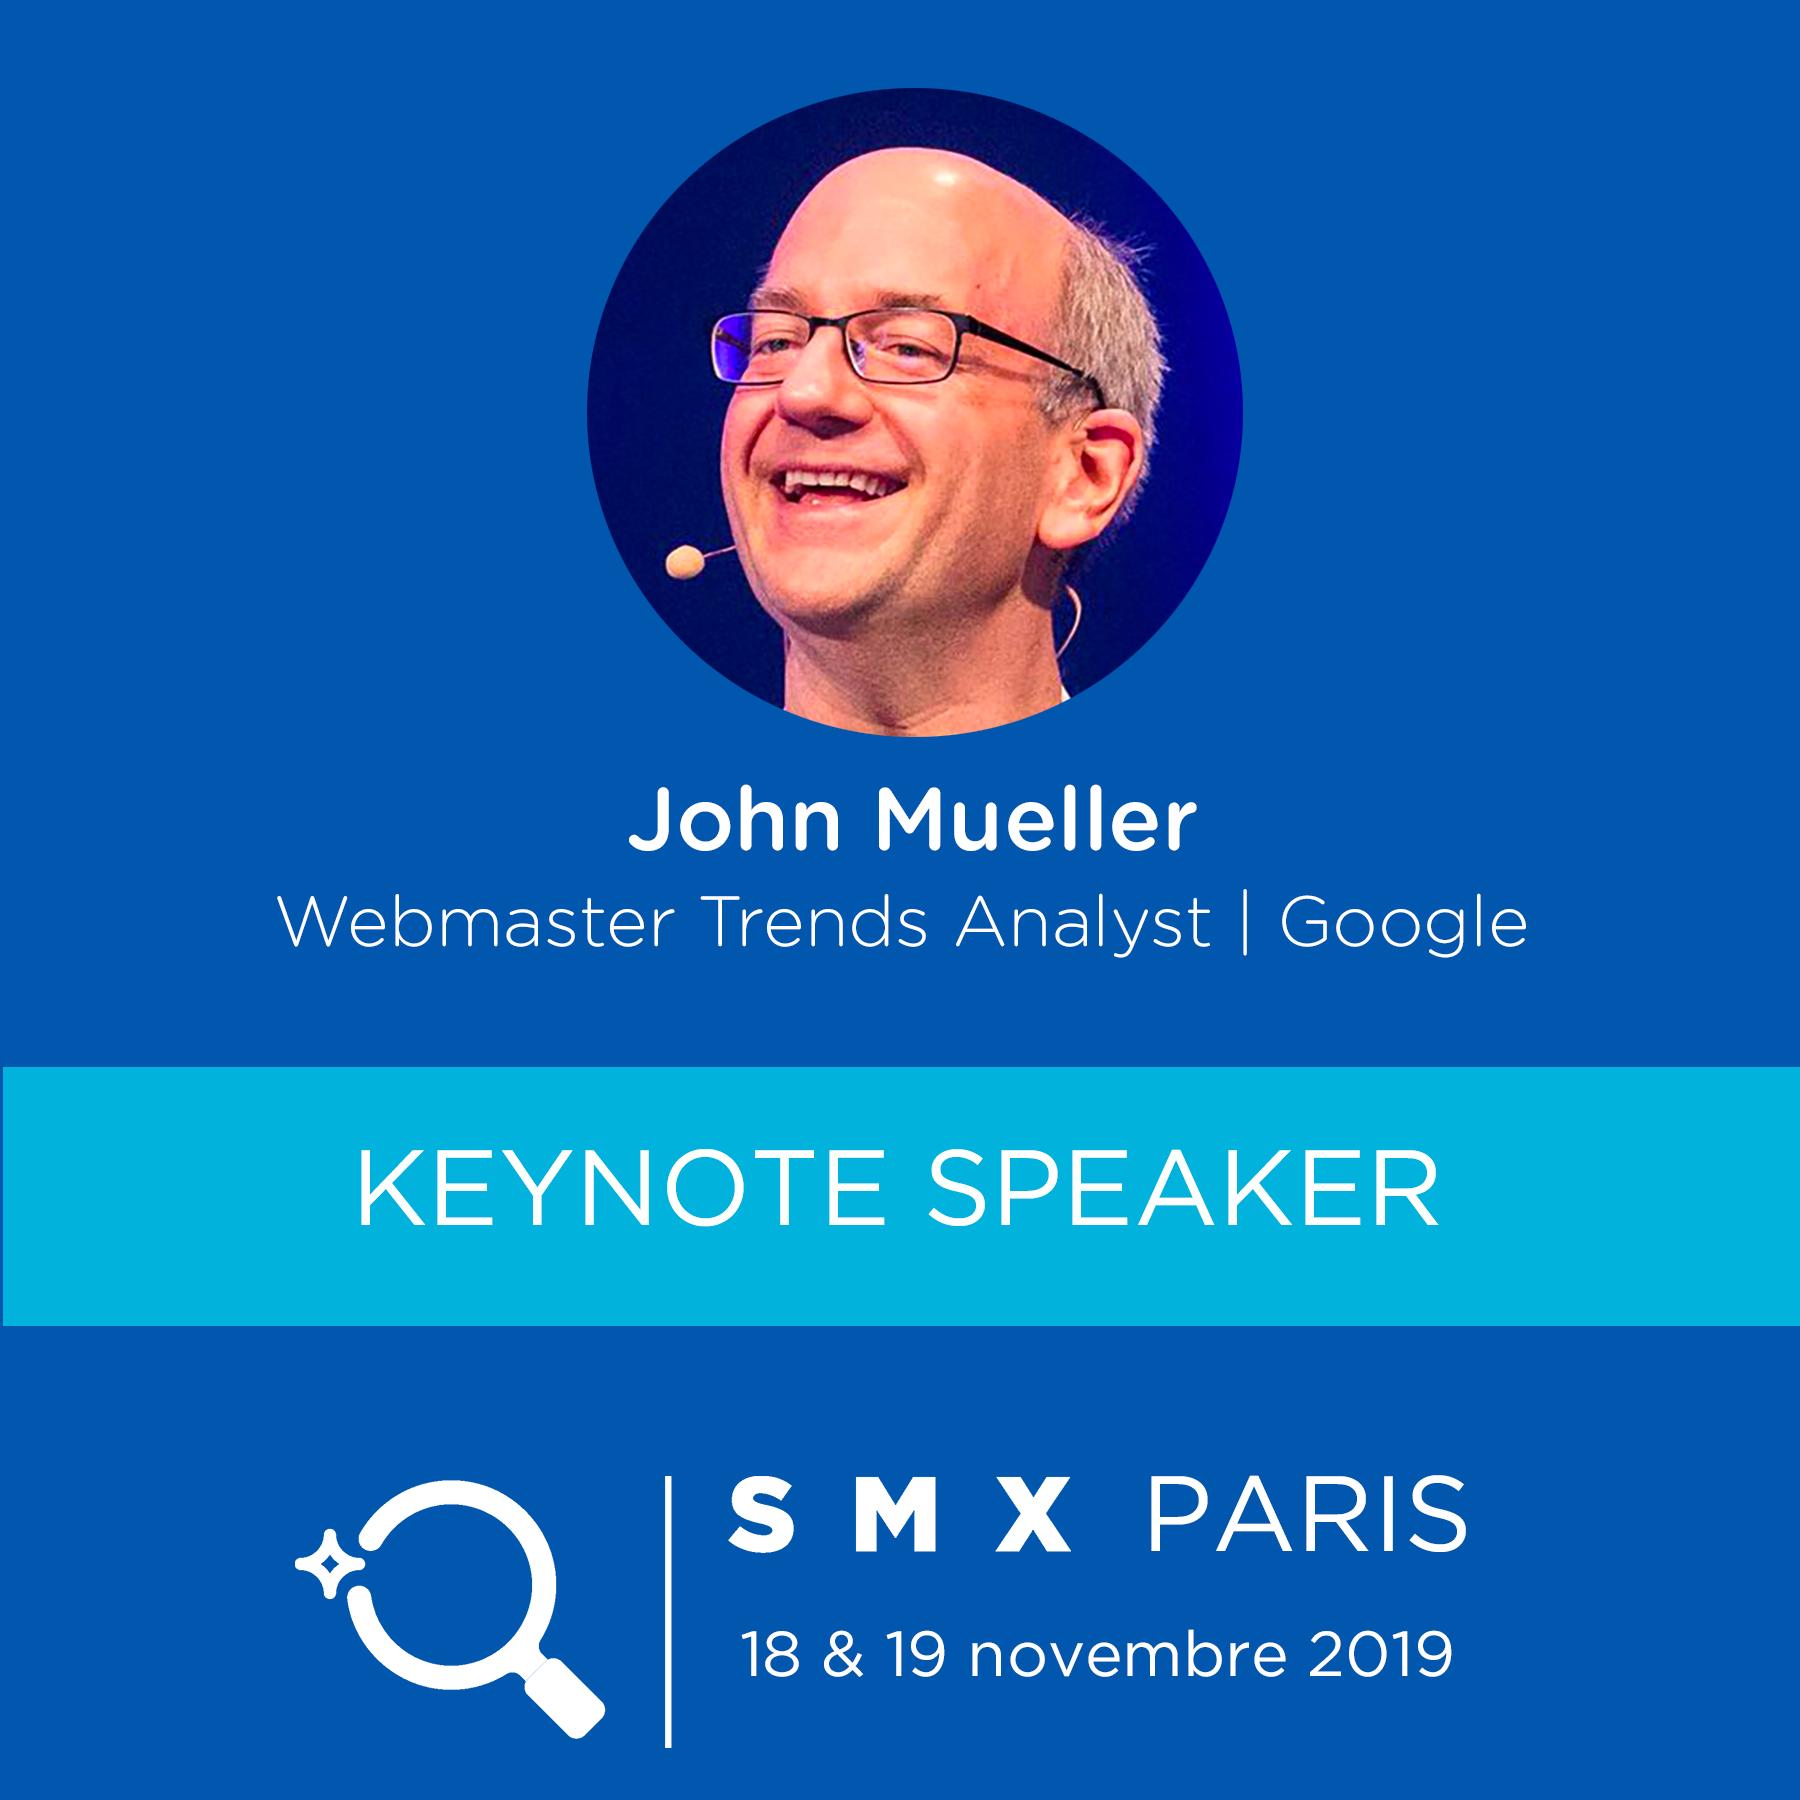 John Mueller au SMX Paris 2019 - Veronique DUONG AUTOVEILLE Blog Partner de SMX France depuis 2015